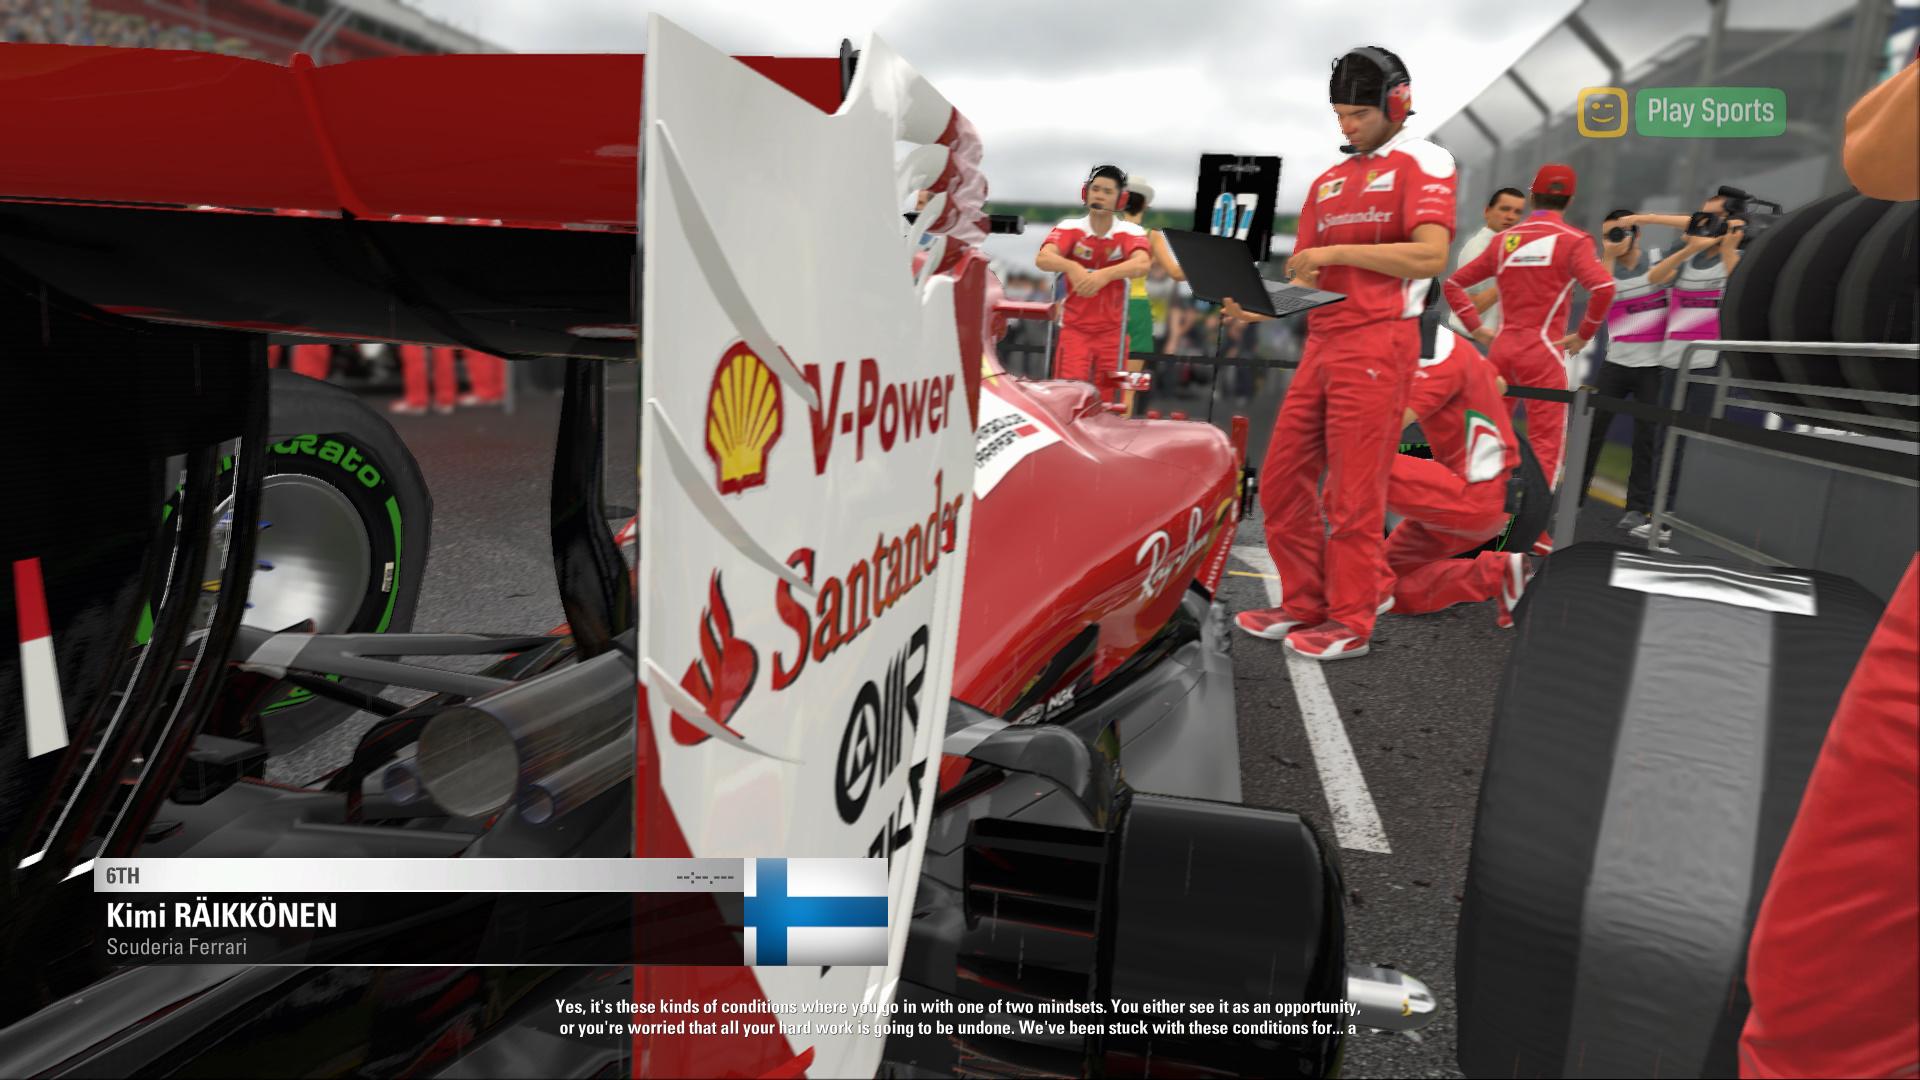 F1_2016 2017-03-28 16-25-09-904.jpg